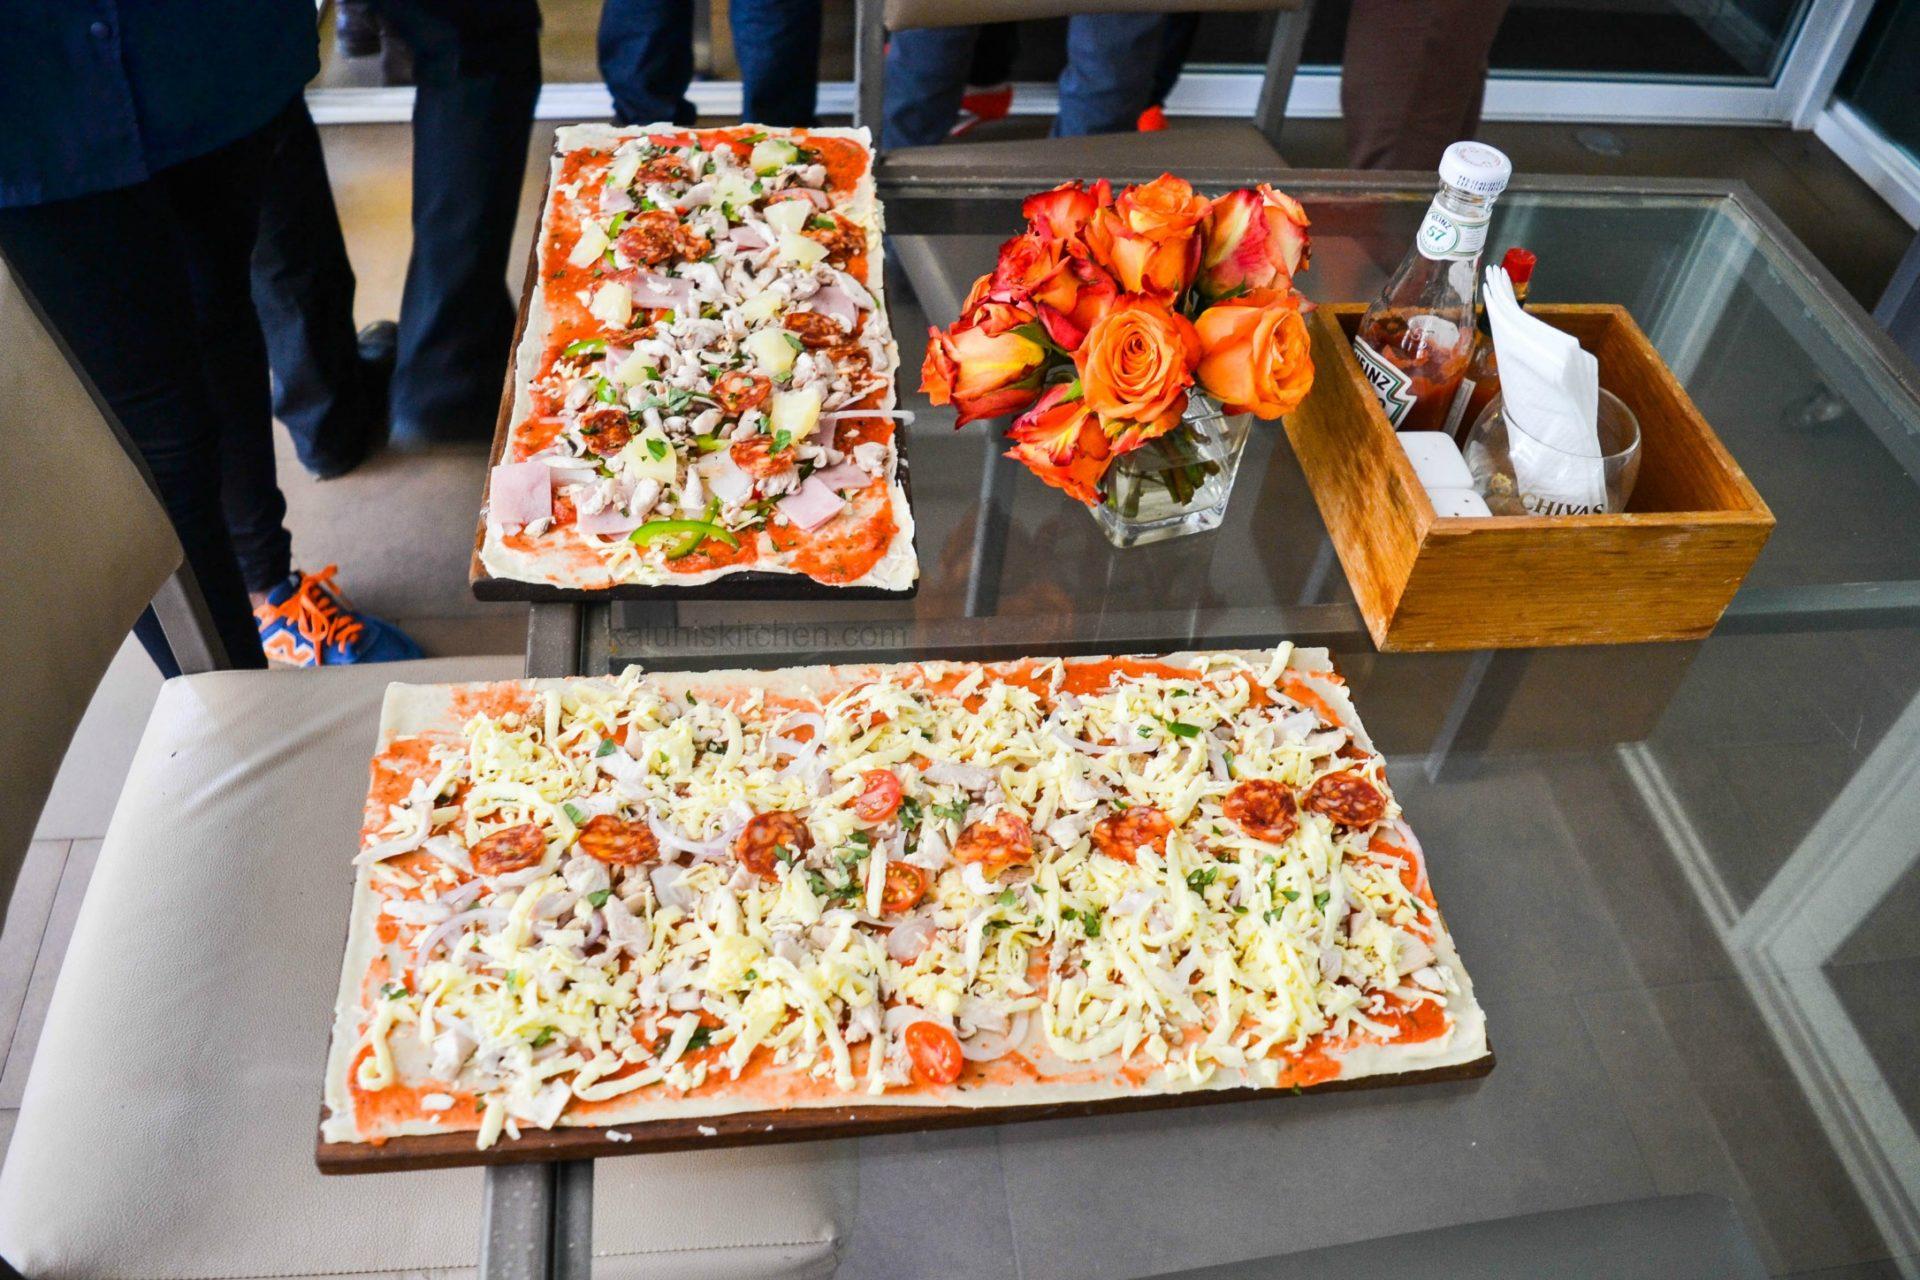 pizza made at zen garden in nairobi kenya_nairobi pizza festival 2015_kaluhiskitchen.com